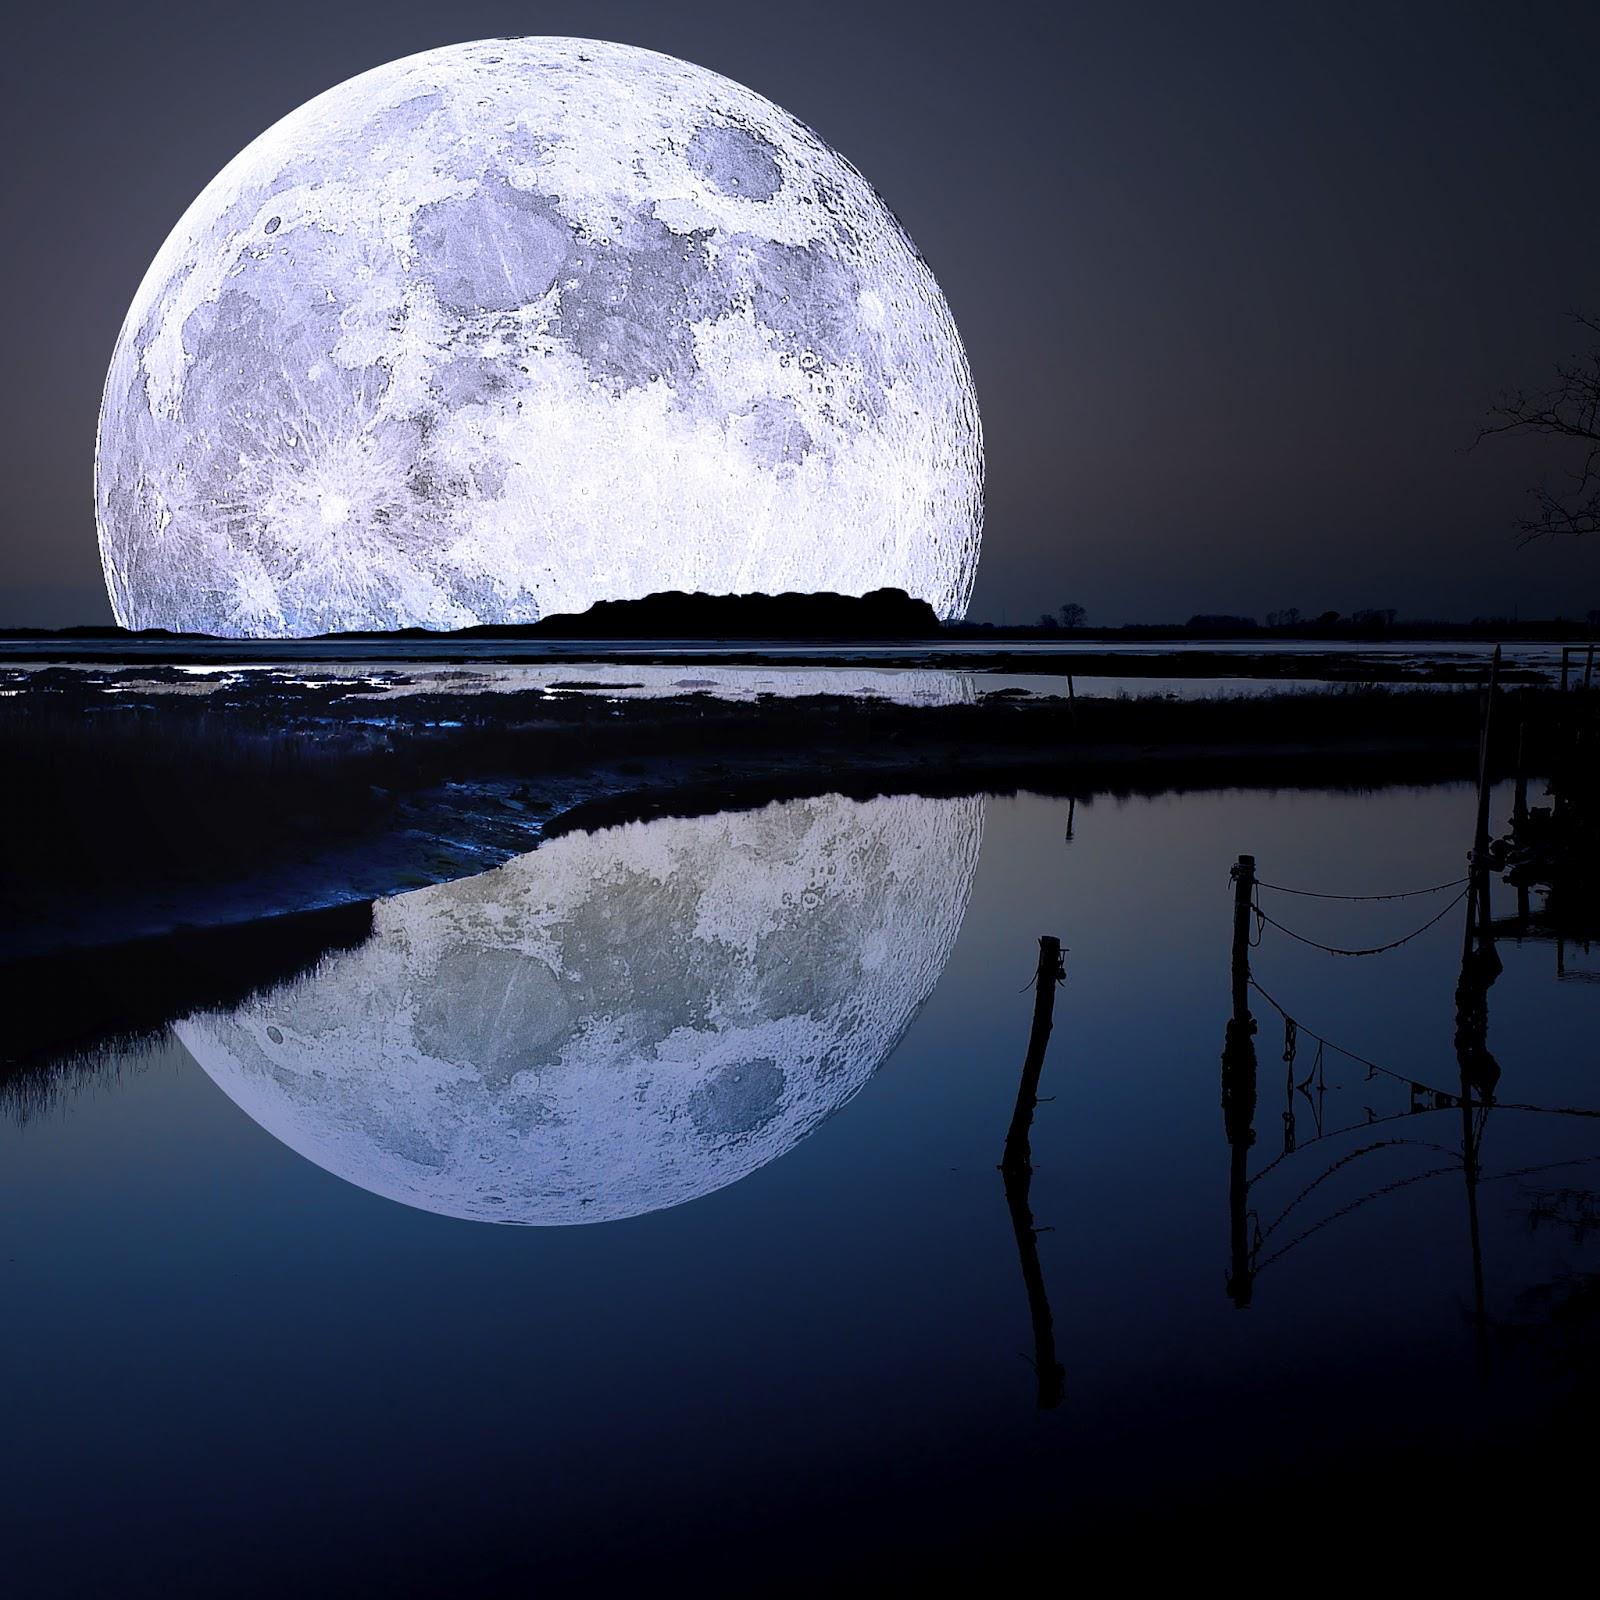 http://2.bp.blogspot.com/-wABs0VsXQyc/T0-Byp55kuI/AAAAAAAAGHg/F4vvUxDCpos/s1600/02846_moonset_2048x2048.jpg